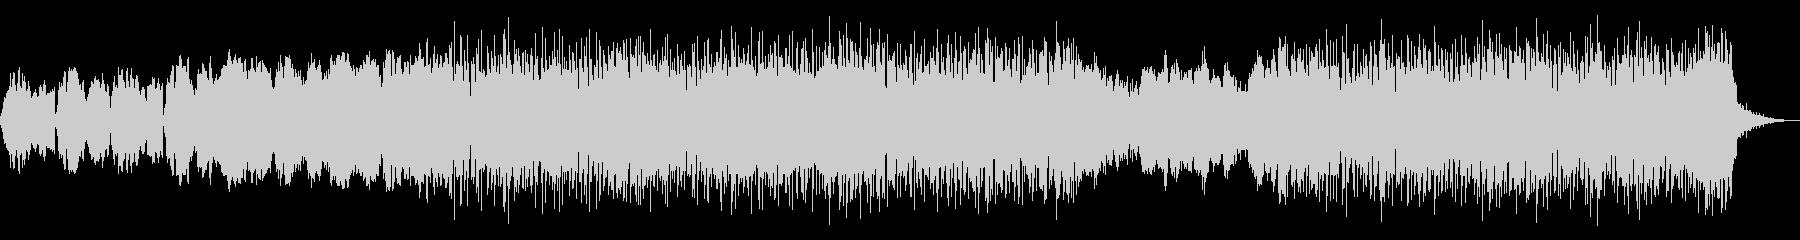 切ないシンセポップなBGMの未再生の波形